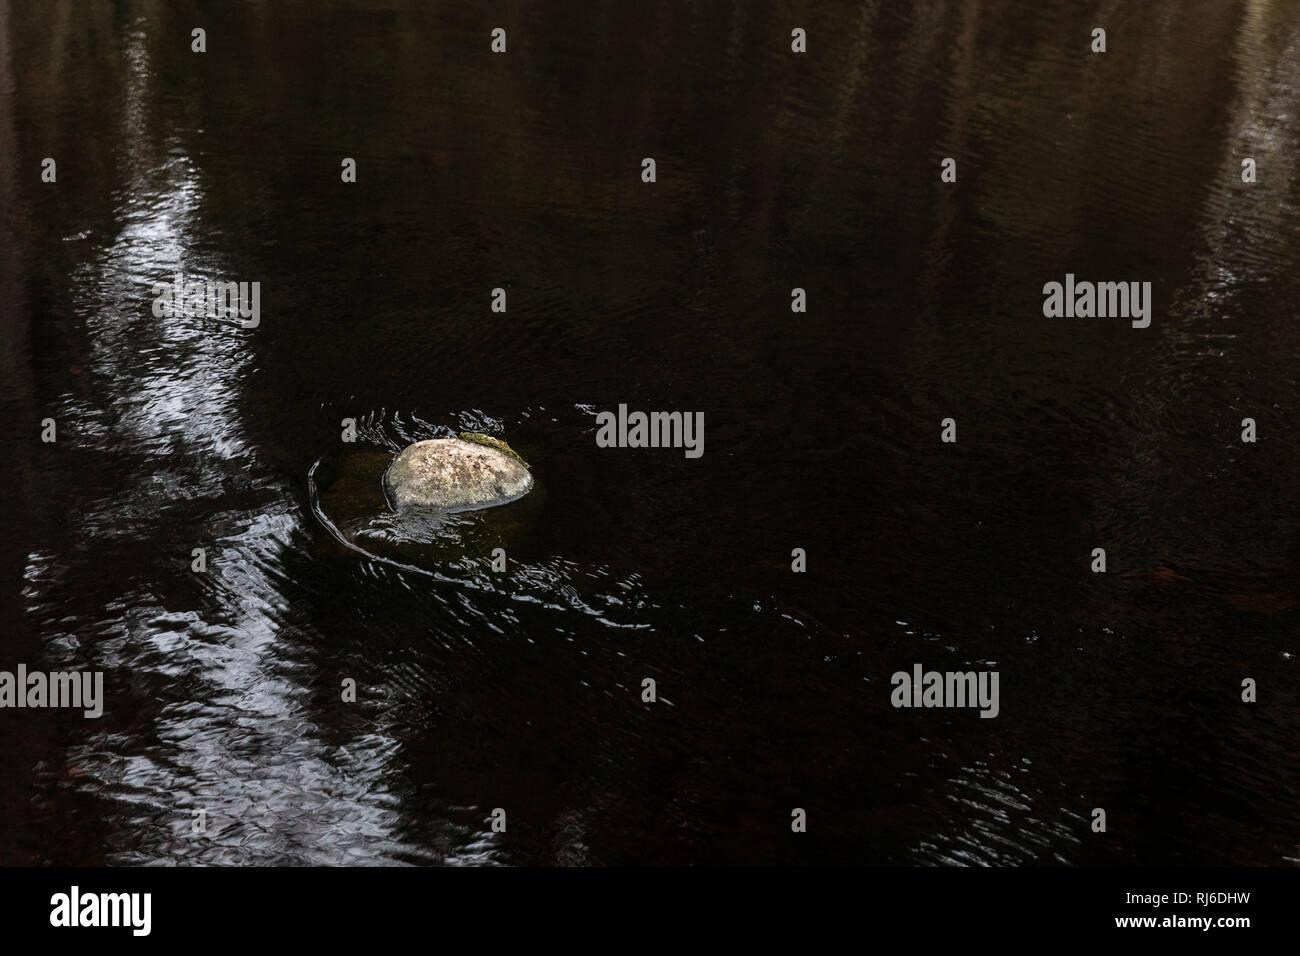 einzelner Stein im dunklen Wasser - Stock Image